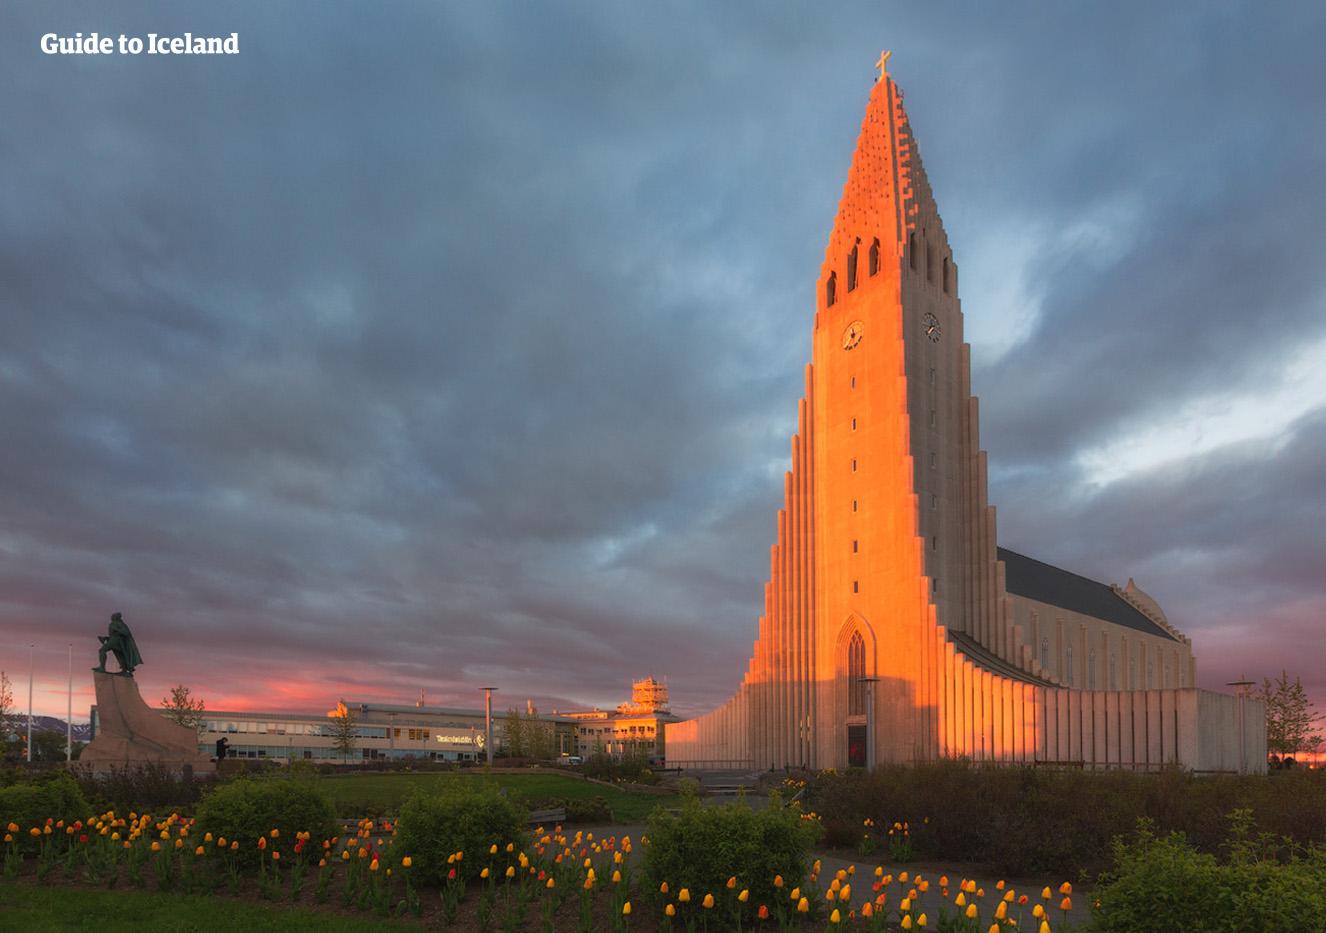 10-dniowe wakacje na Islandii z lotami z Reykjaviku do Akureyri, pełne wodospadów i gorących źródeł